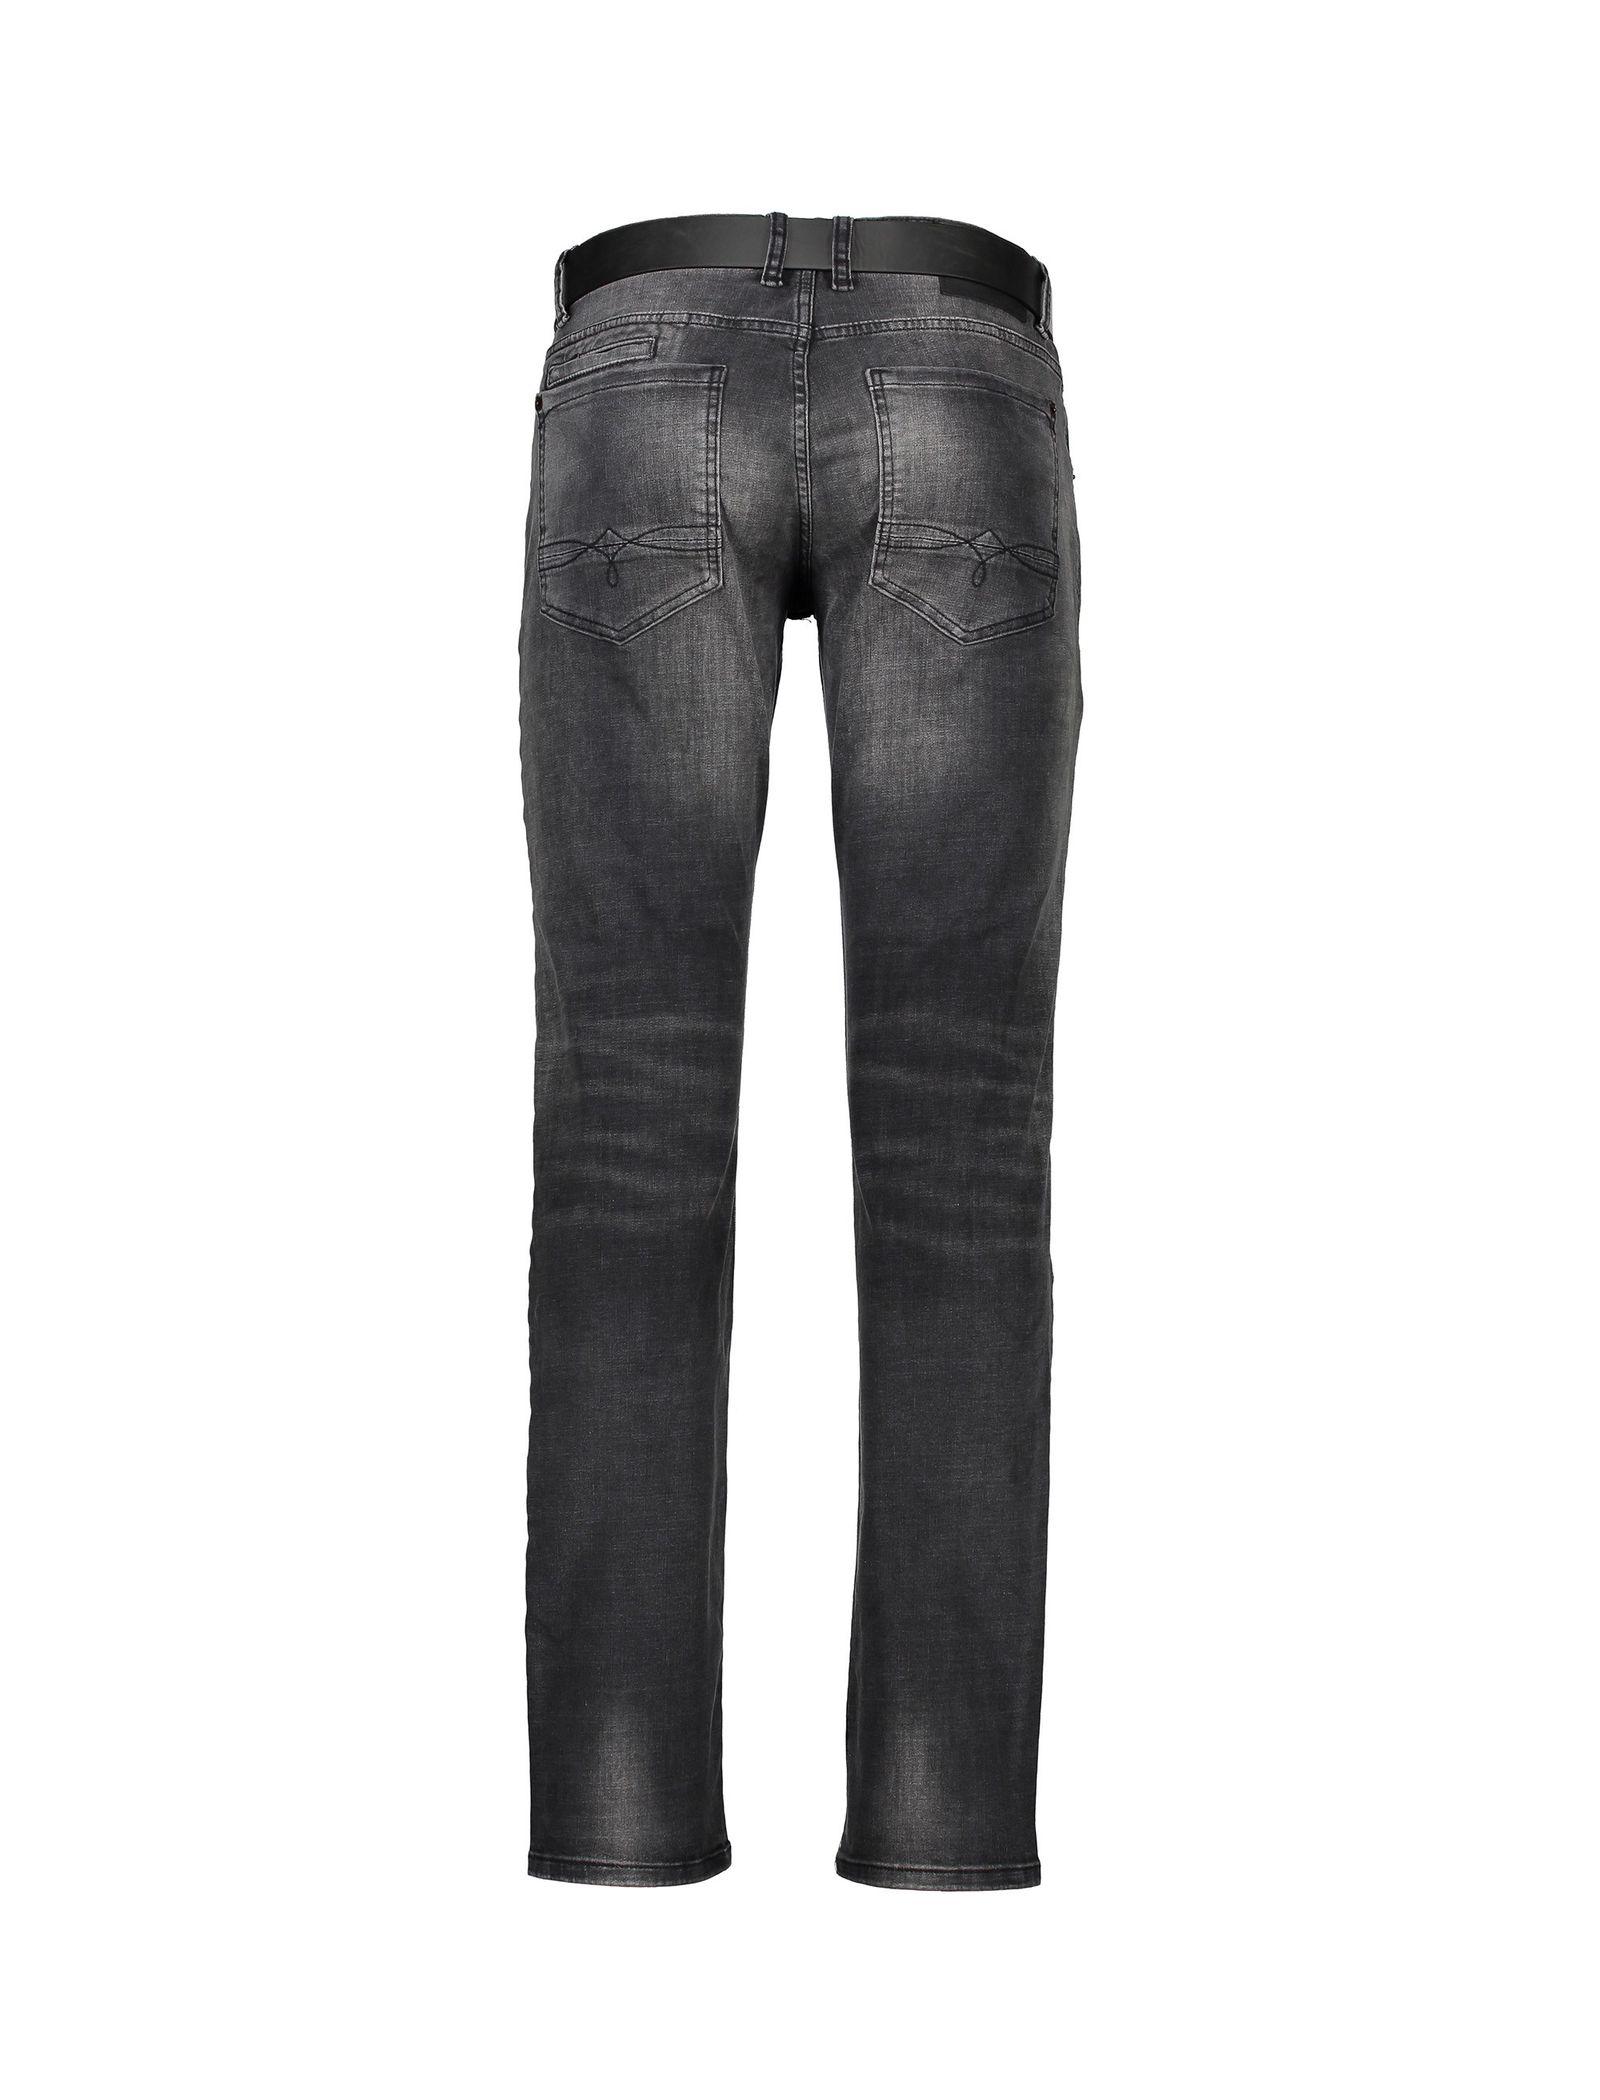 شلوار جین راسته مردانه - اس.اولیور - طوسي تيره - 2